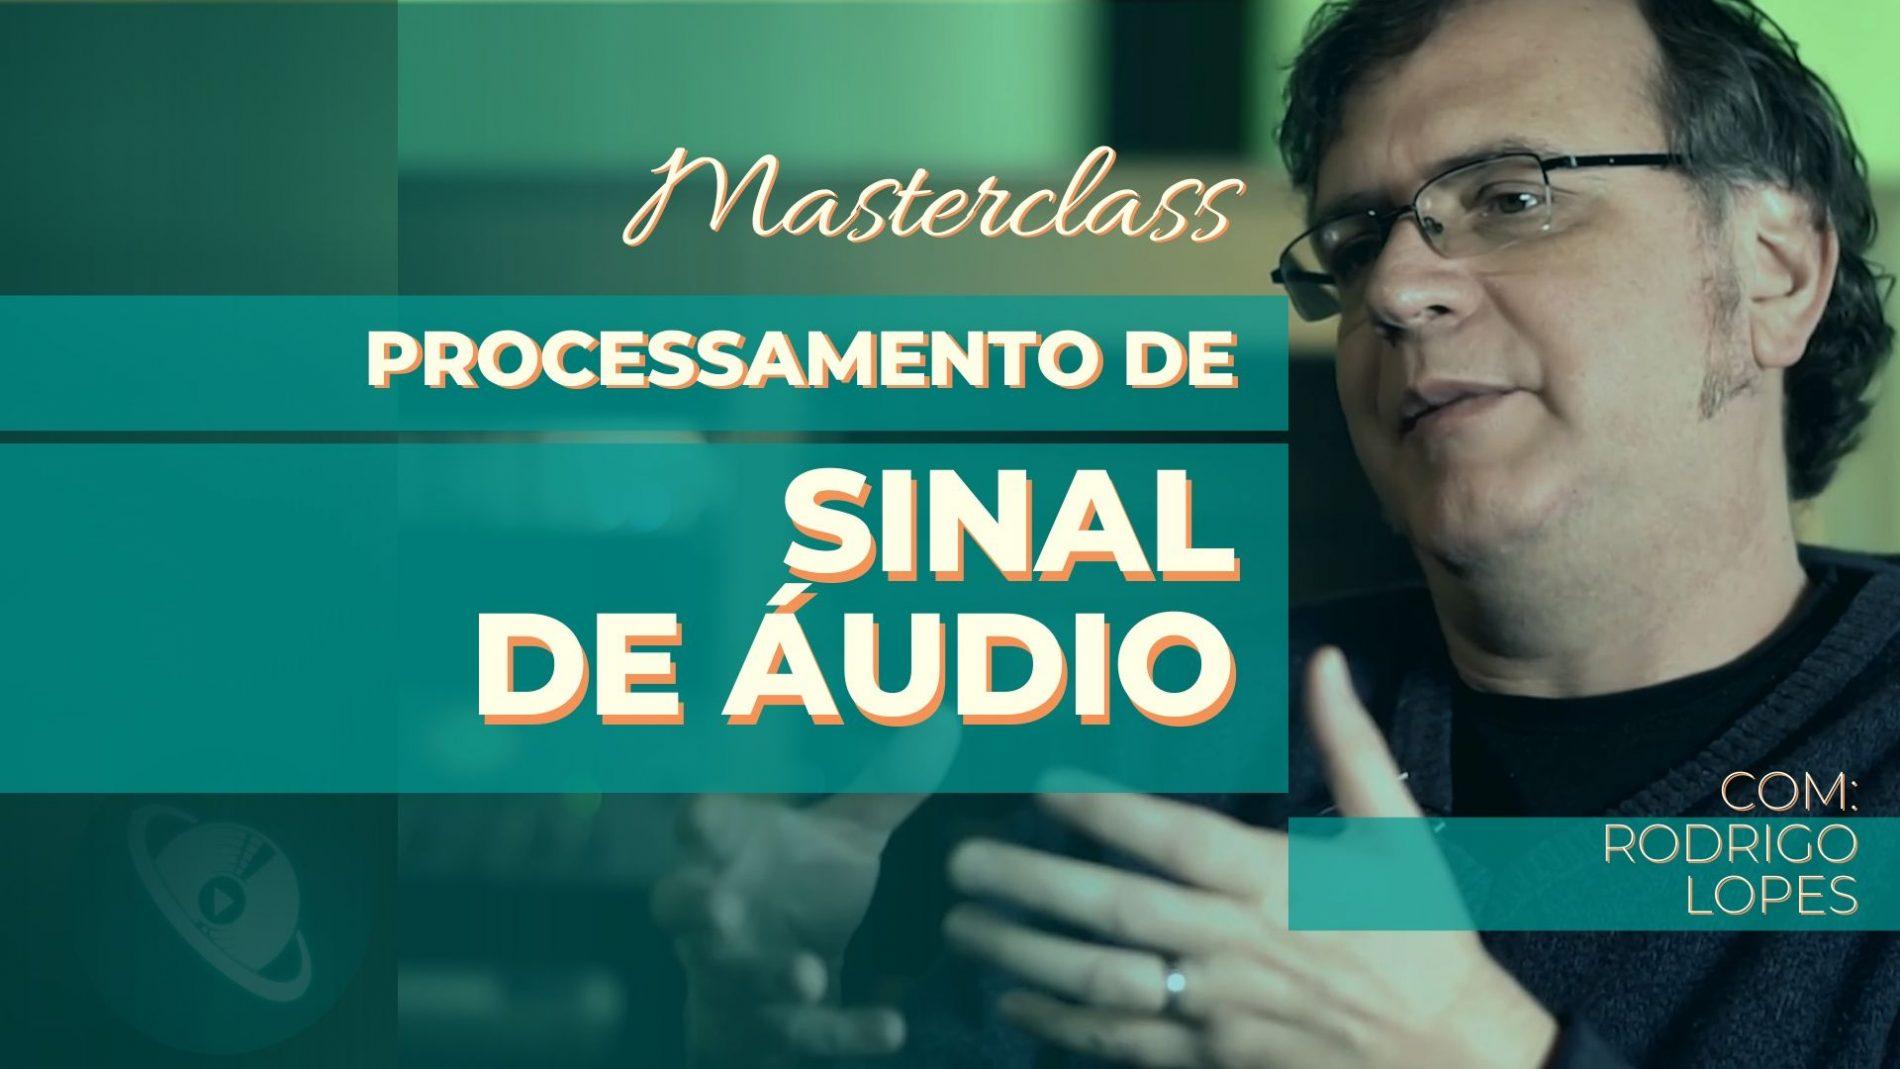 Processamento de sinal de áudio